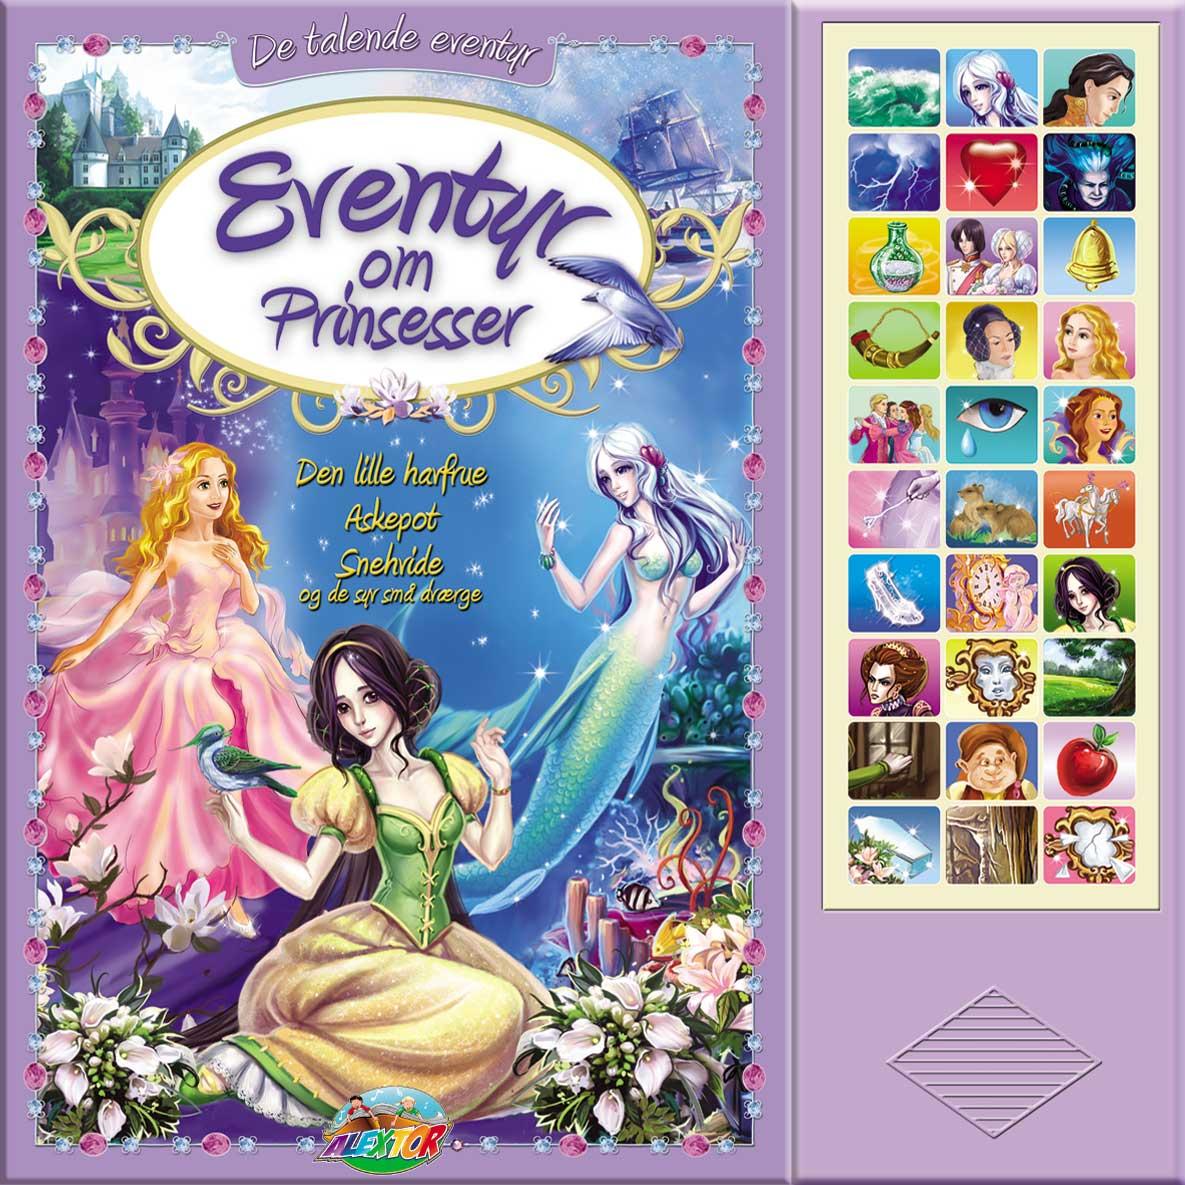 Eventyr om Prinsesser (Med 30 lyde)